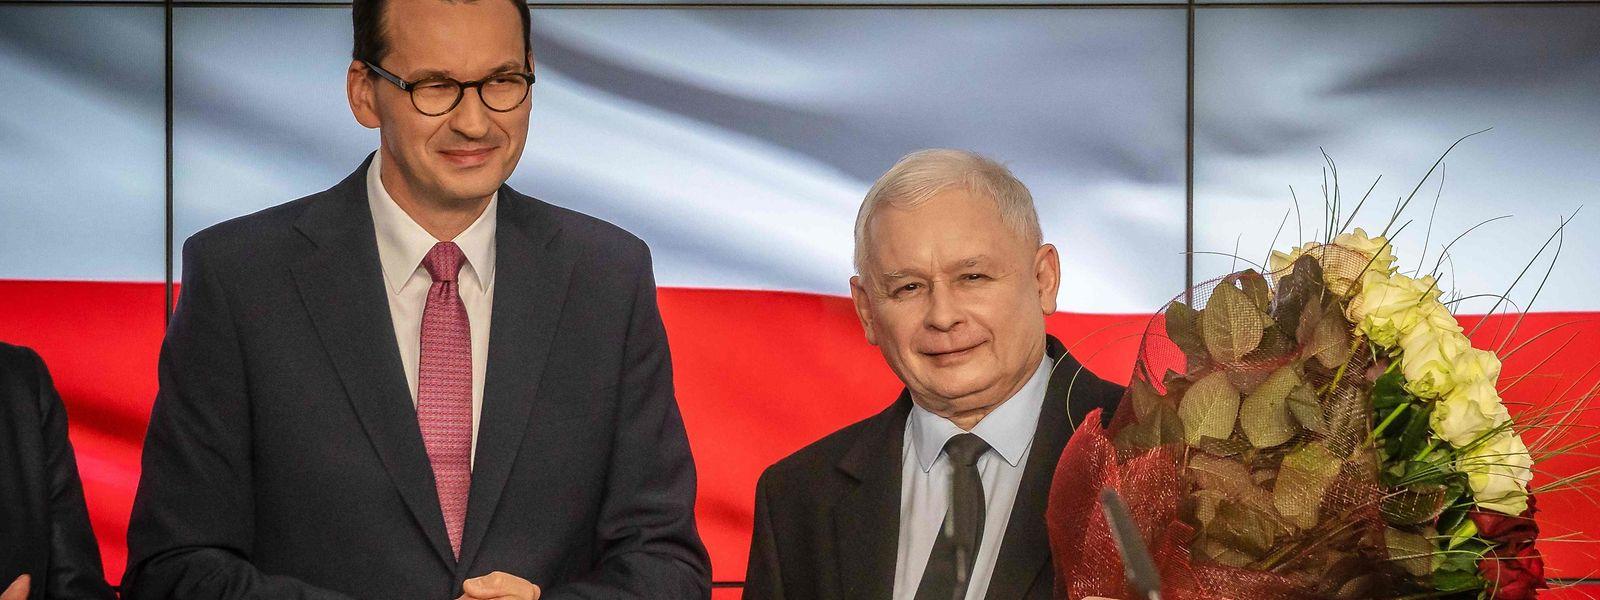 Parteichef Jaroslaw Kaczynski (r.) und Premier Mateusz Morawiecki gaben sich nach den ersten Prognosen bereits siegessicher.